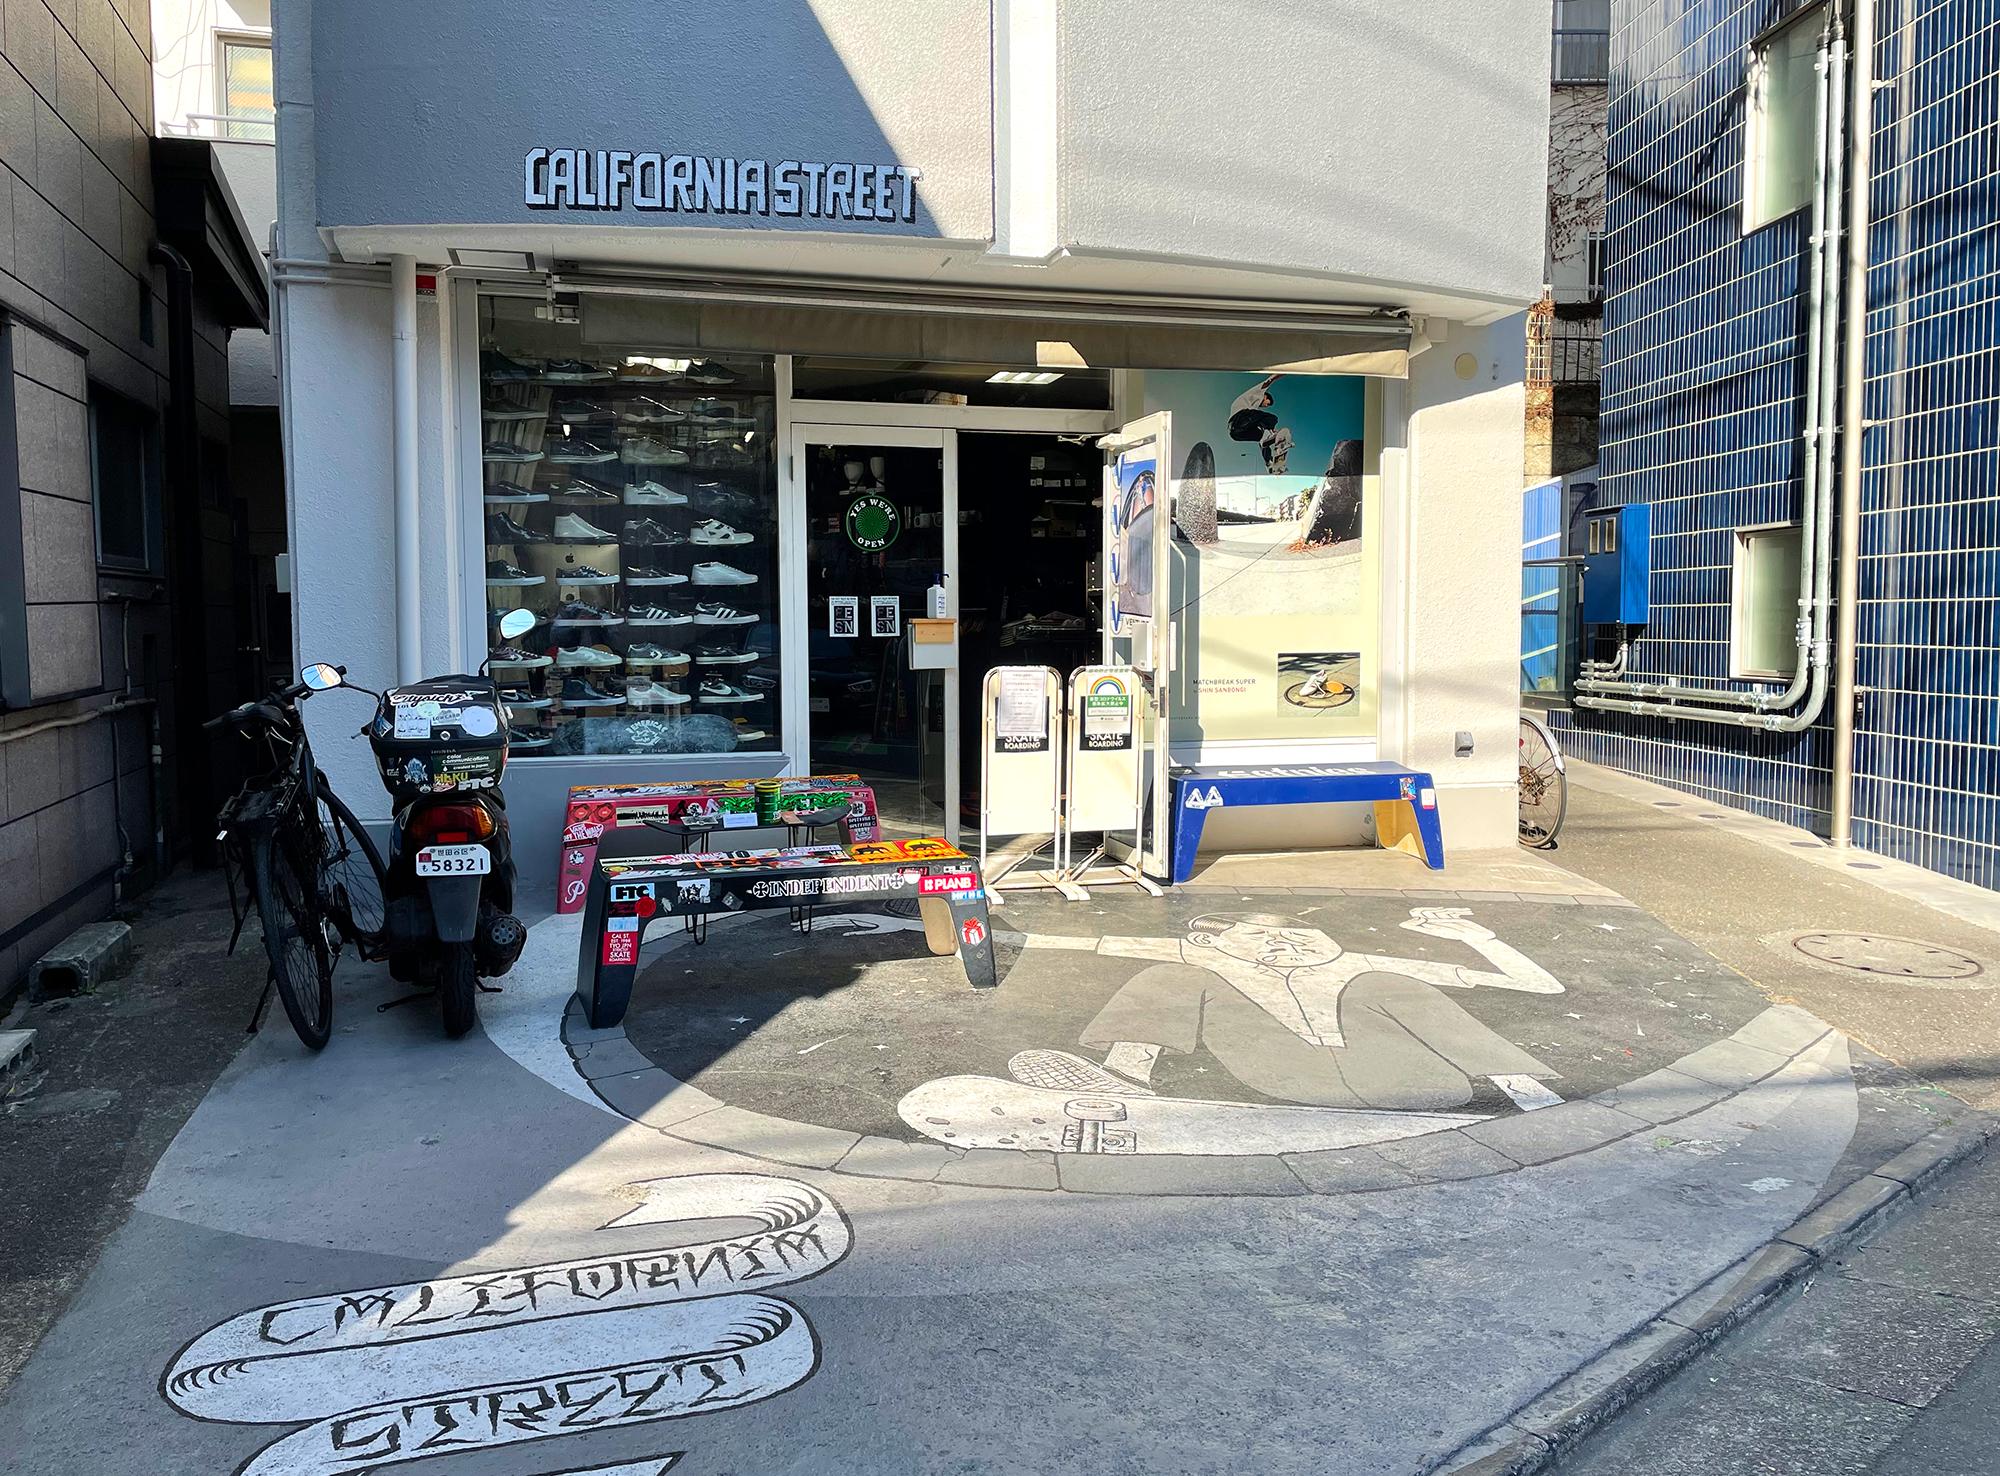 スケートボードのカリフォルニアストリート店頭写真・2021-01-22